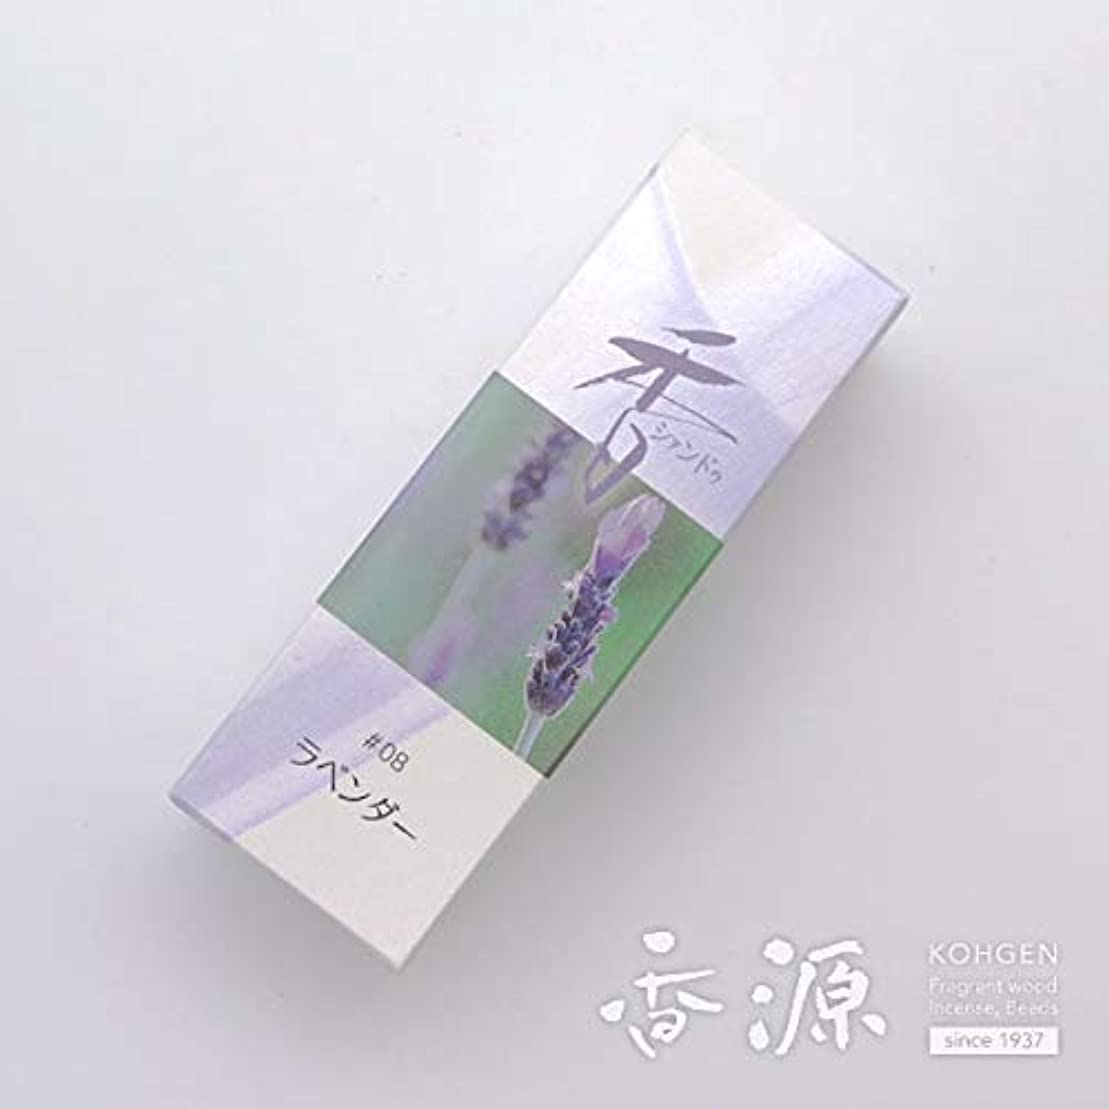 余計なシャーロットブロンテ要求する松栄堂のお香 Xiang Do ラベンダー ST20本入 簡易香立付 #214208